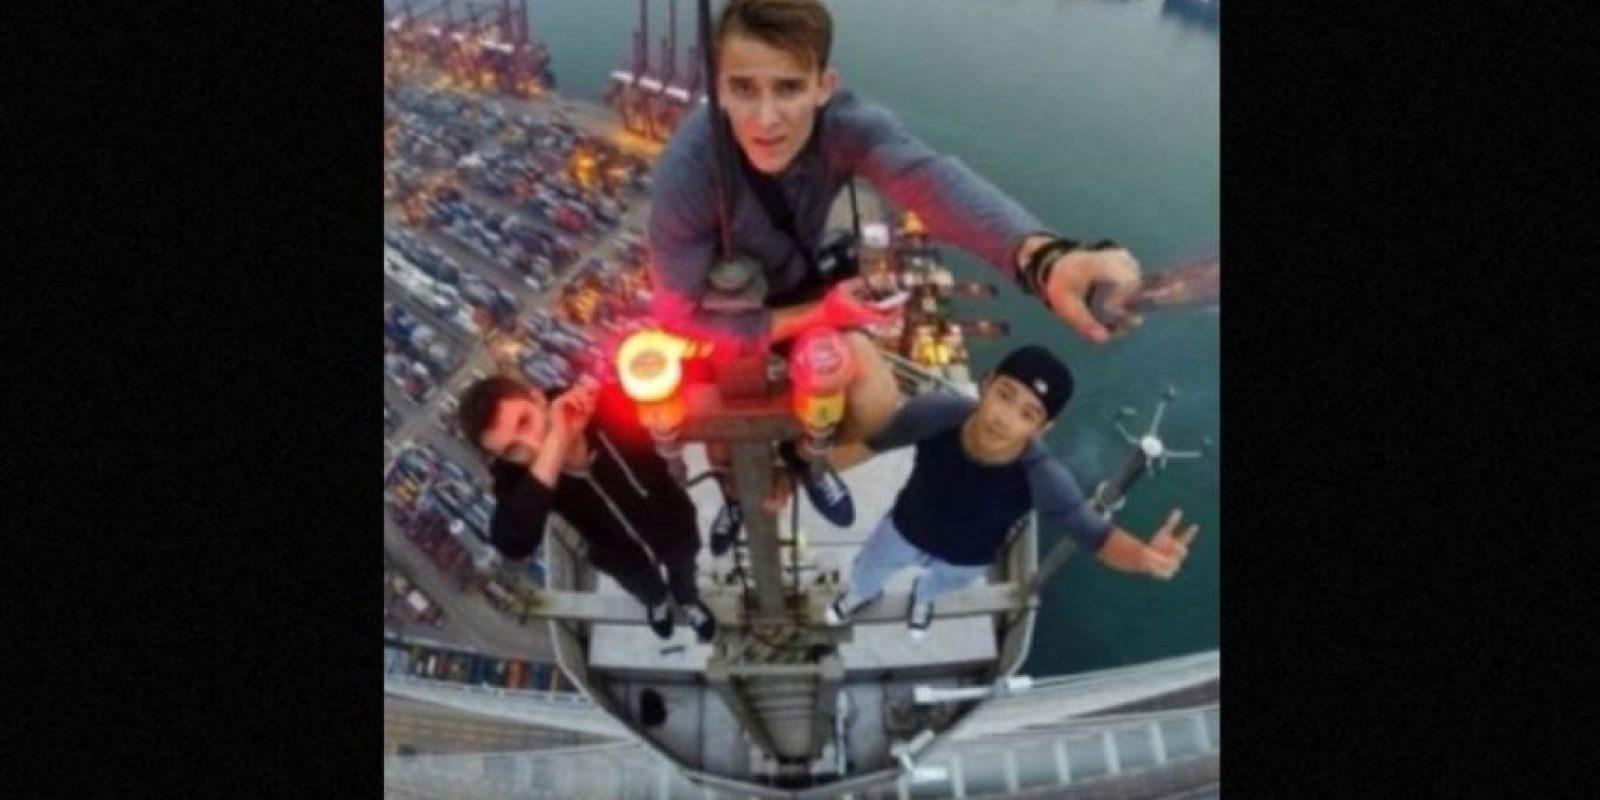 Distintos jóvenes se han hecho famosos gracias sus intrépidas hazañas para trepar edificios muy altos. Foto: instagram.com/daniel__lau